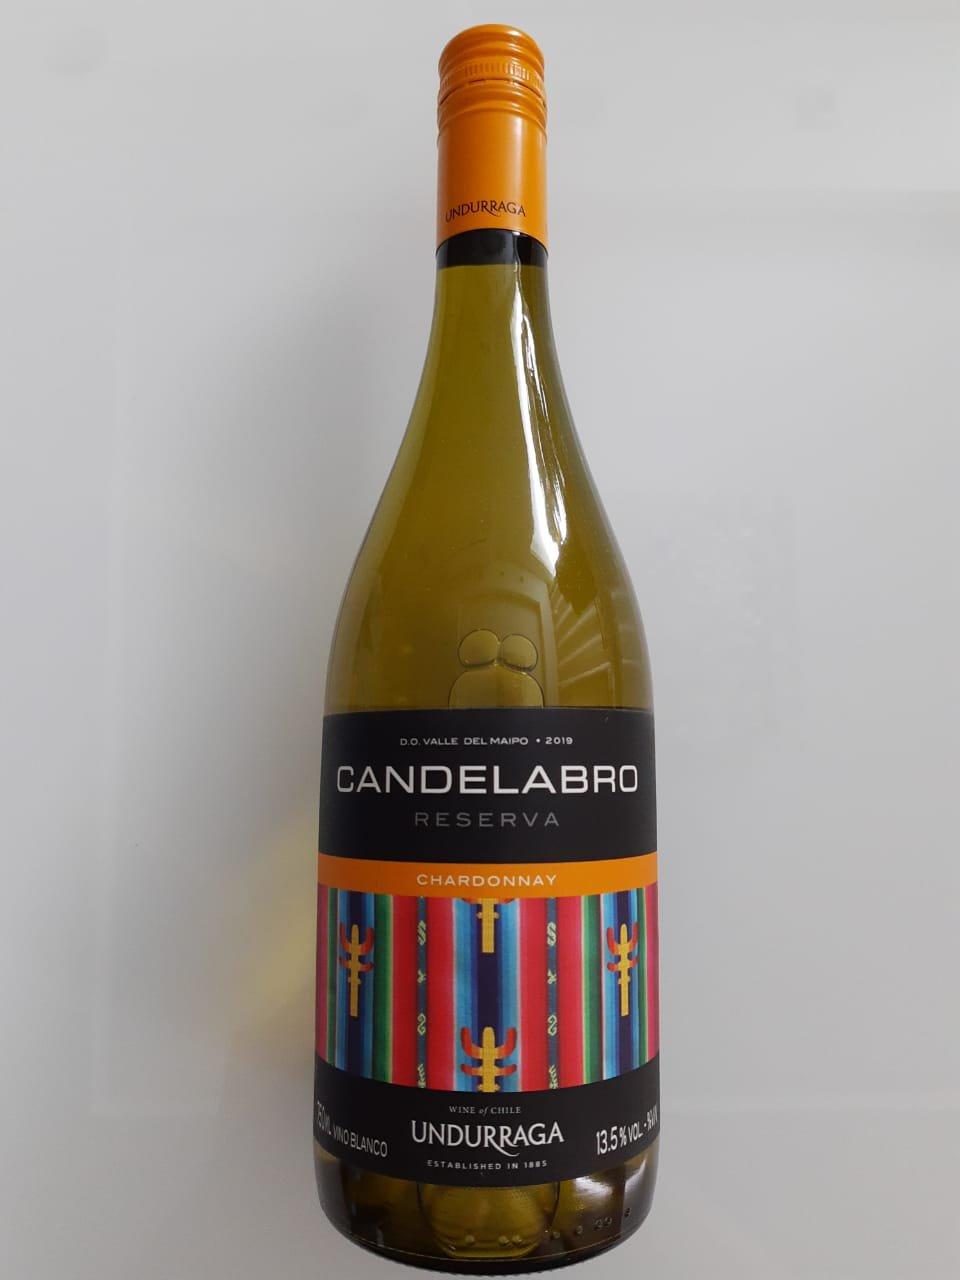 Vinho Candelabro Reserva Chardonnay 750ml